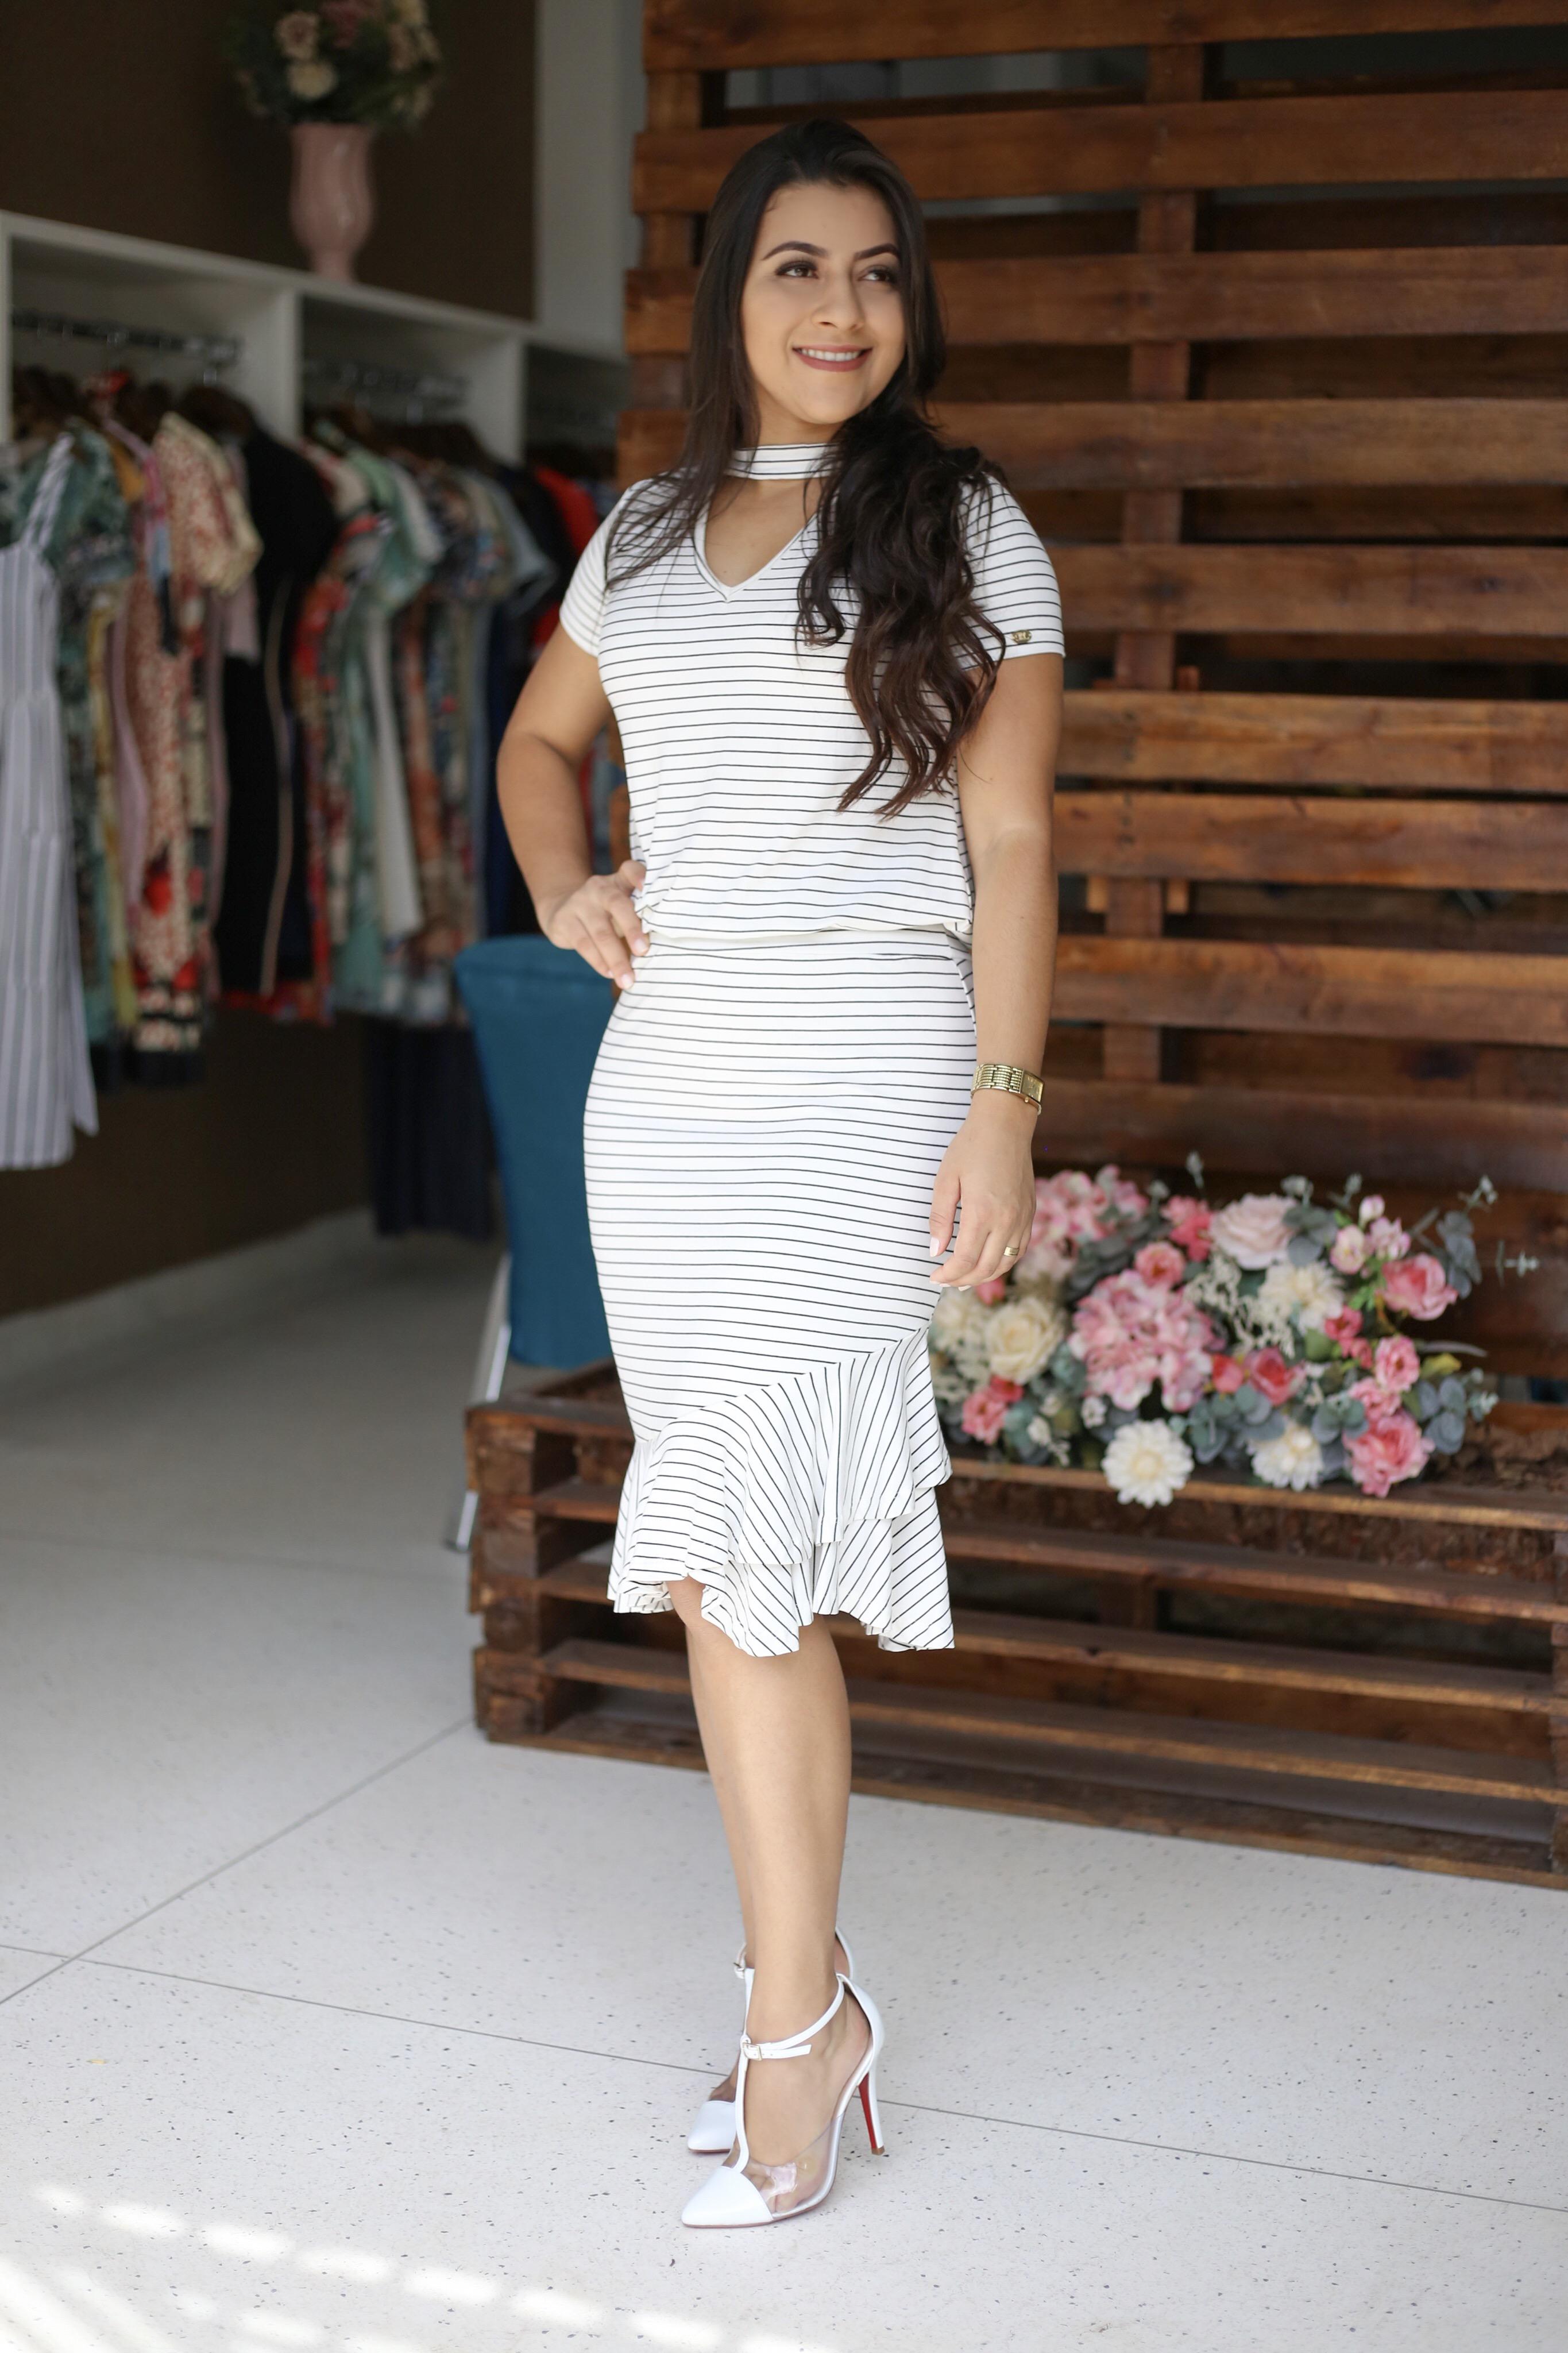 c0ec86e79ab2 Vestido Listrado Lívia em Áquila Tauheny Store | Moda Evangélica